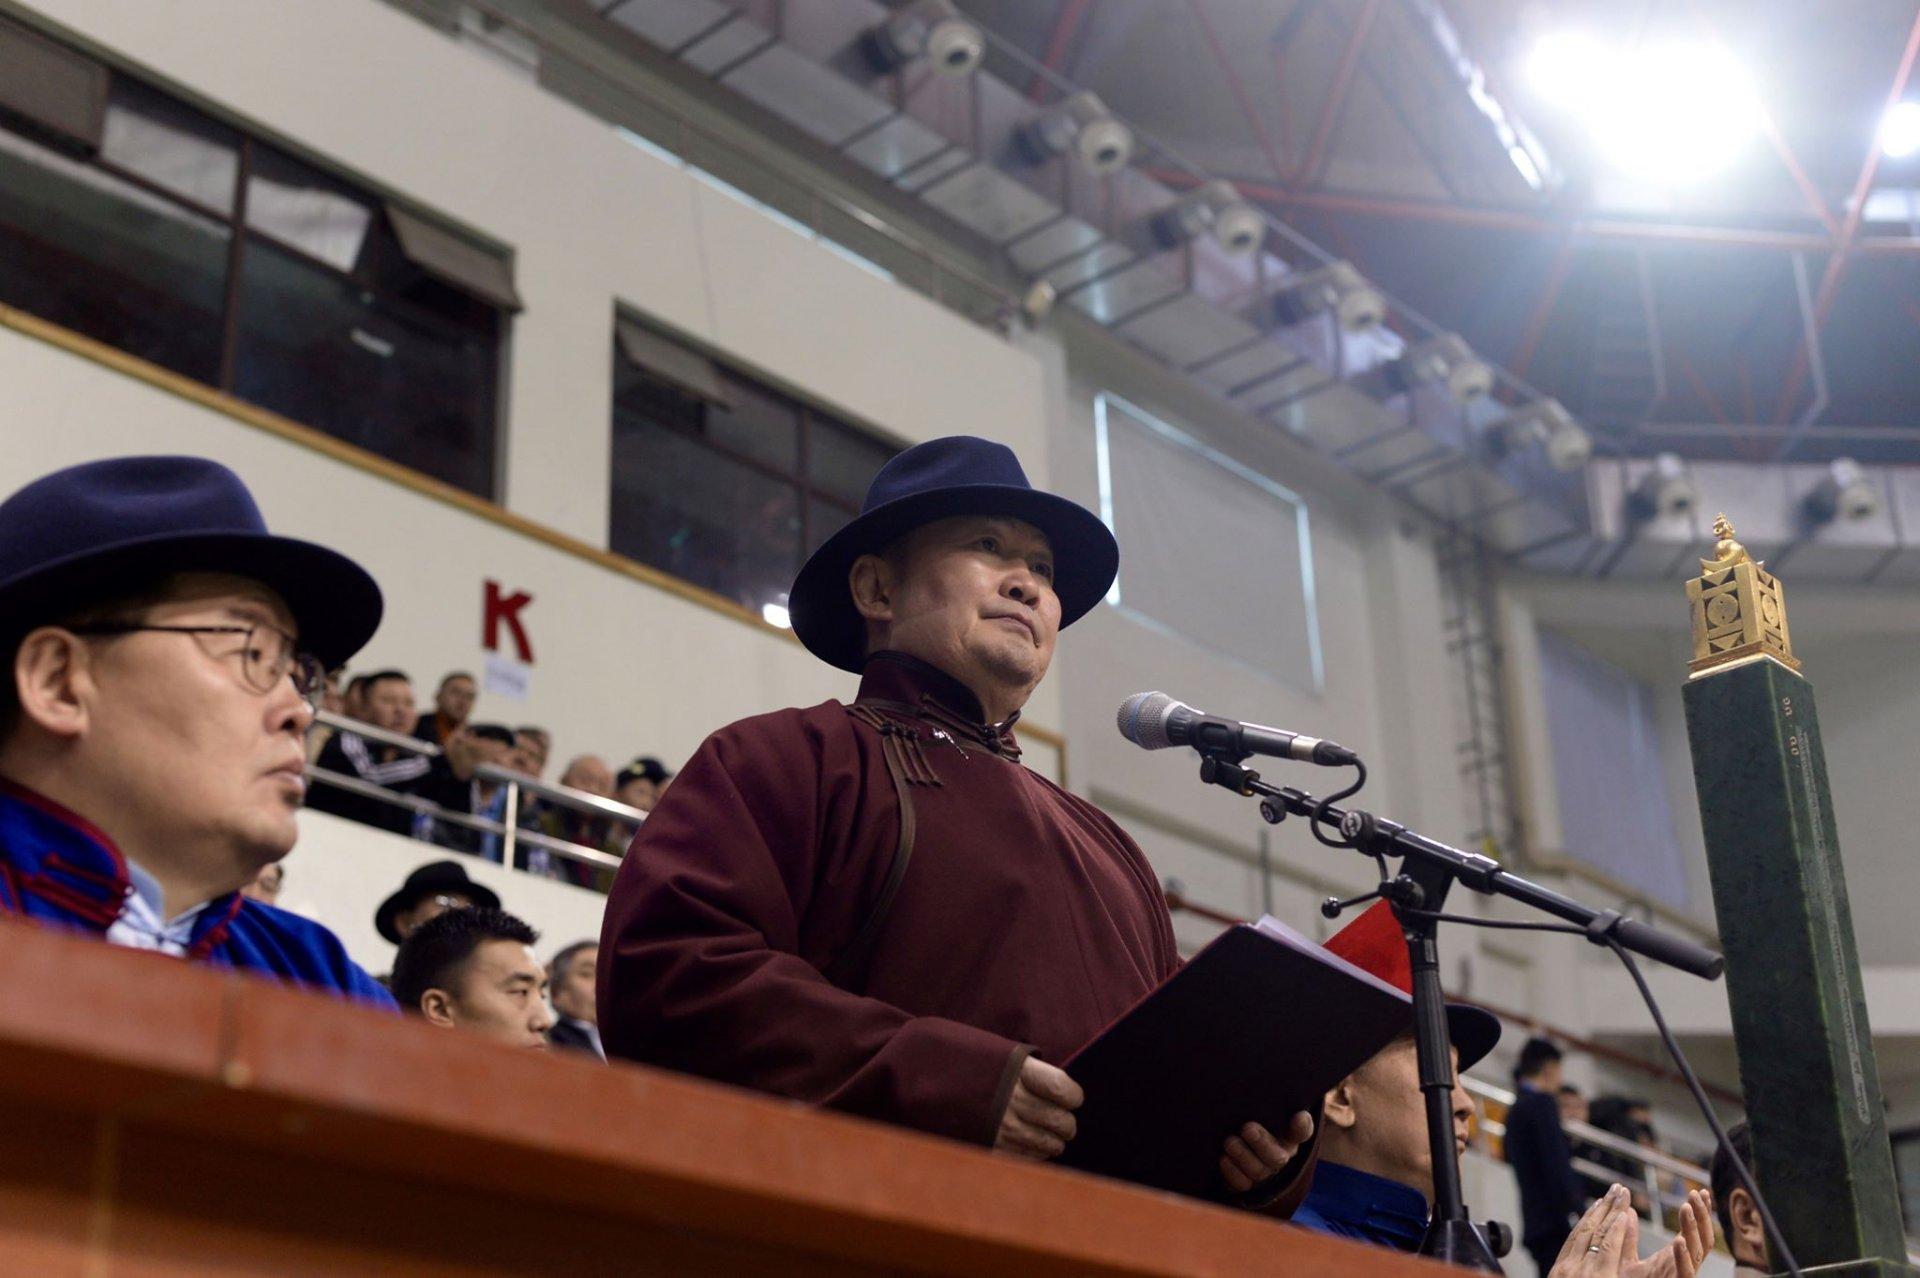 Ерөнхийлөгч Х.Баттулга: Эв түнжинтэй байхын чухлыг тунгаан ухамсарлахыг монгол хүн бүрд сануулан хэлье